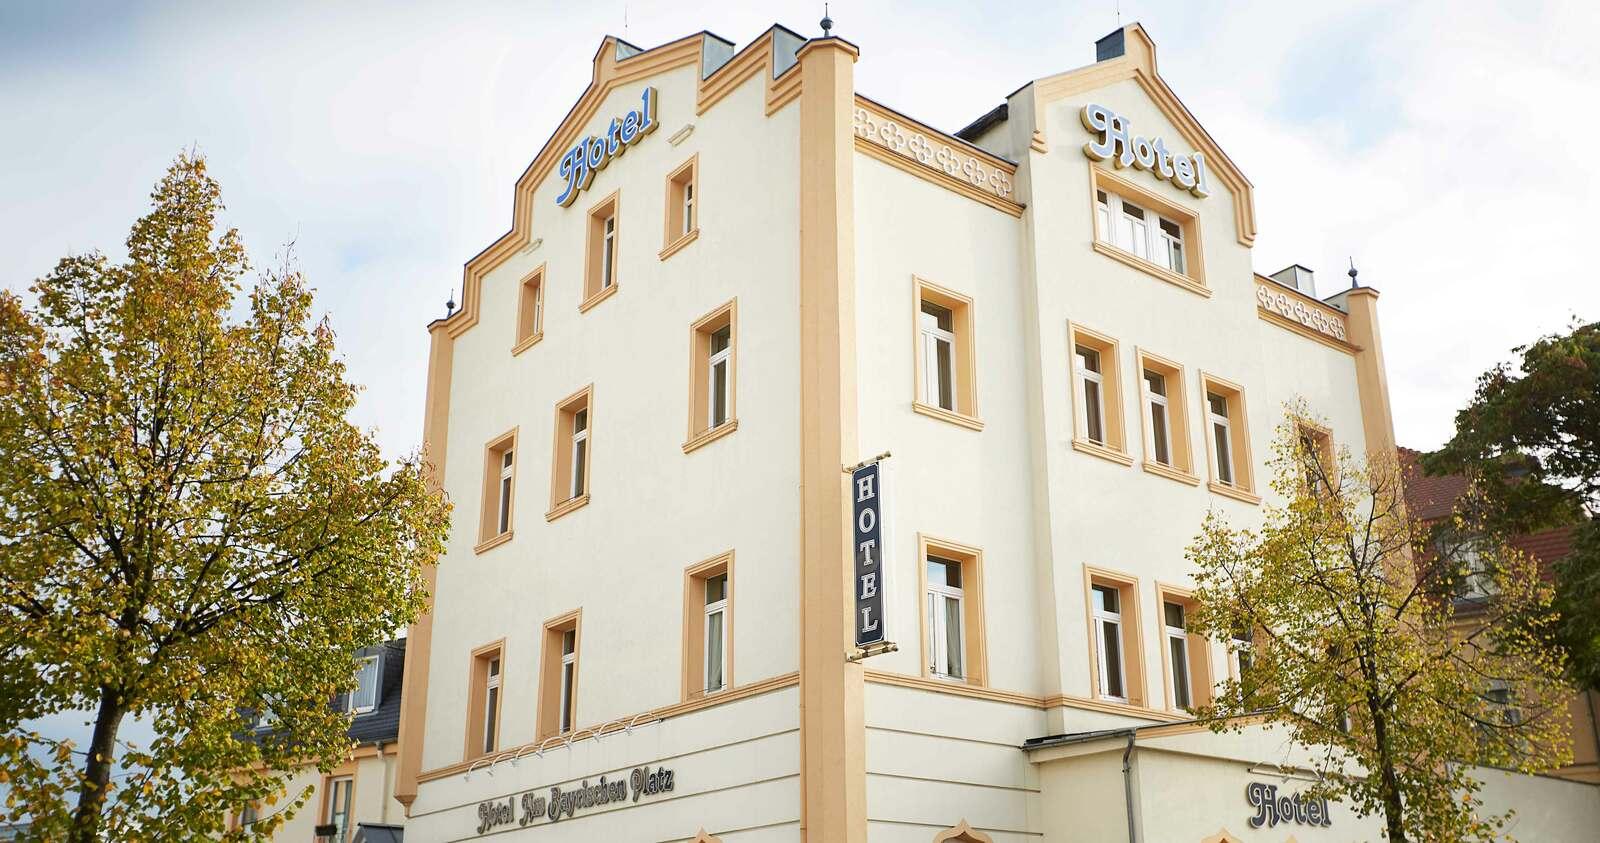 Aussenaufnahme vom Hotel Bayrischer Hof in Leipzig